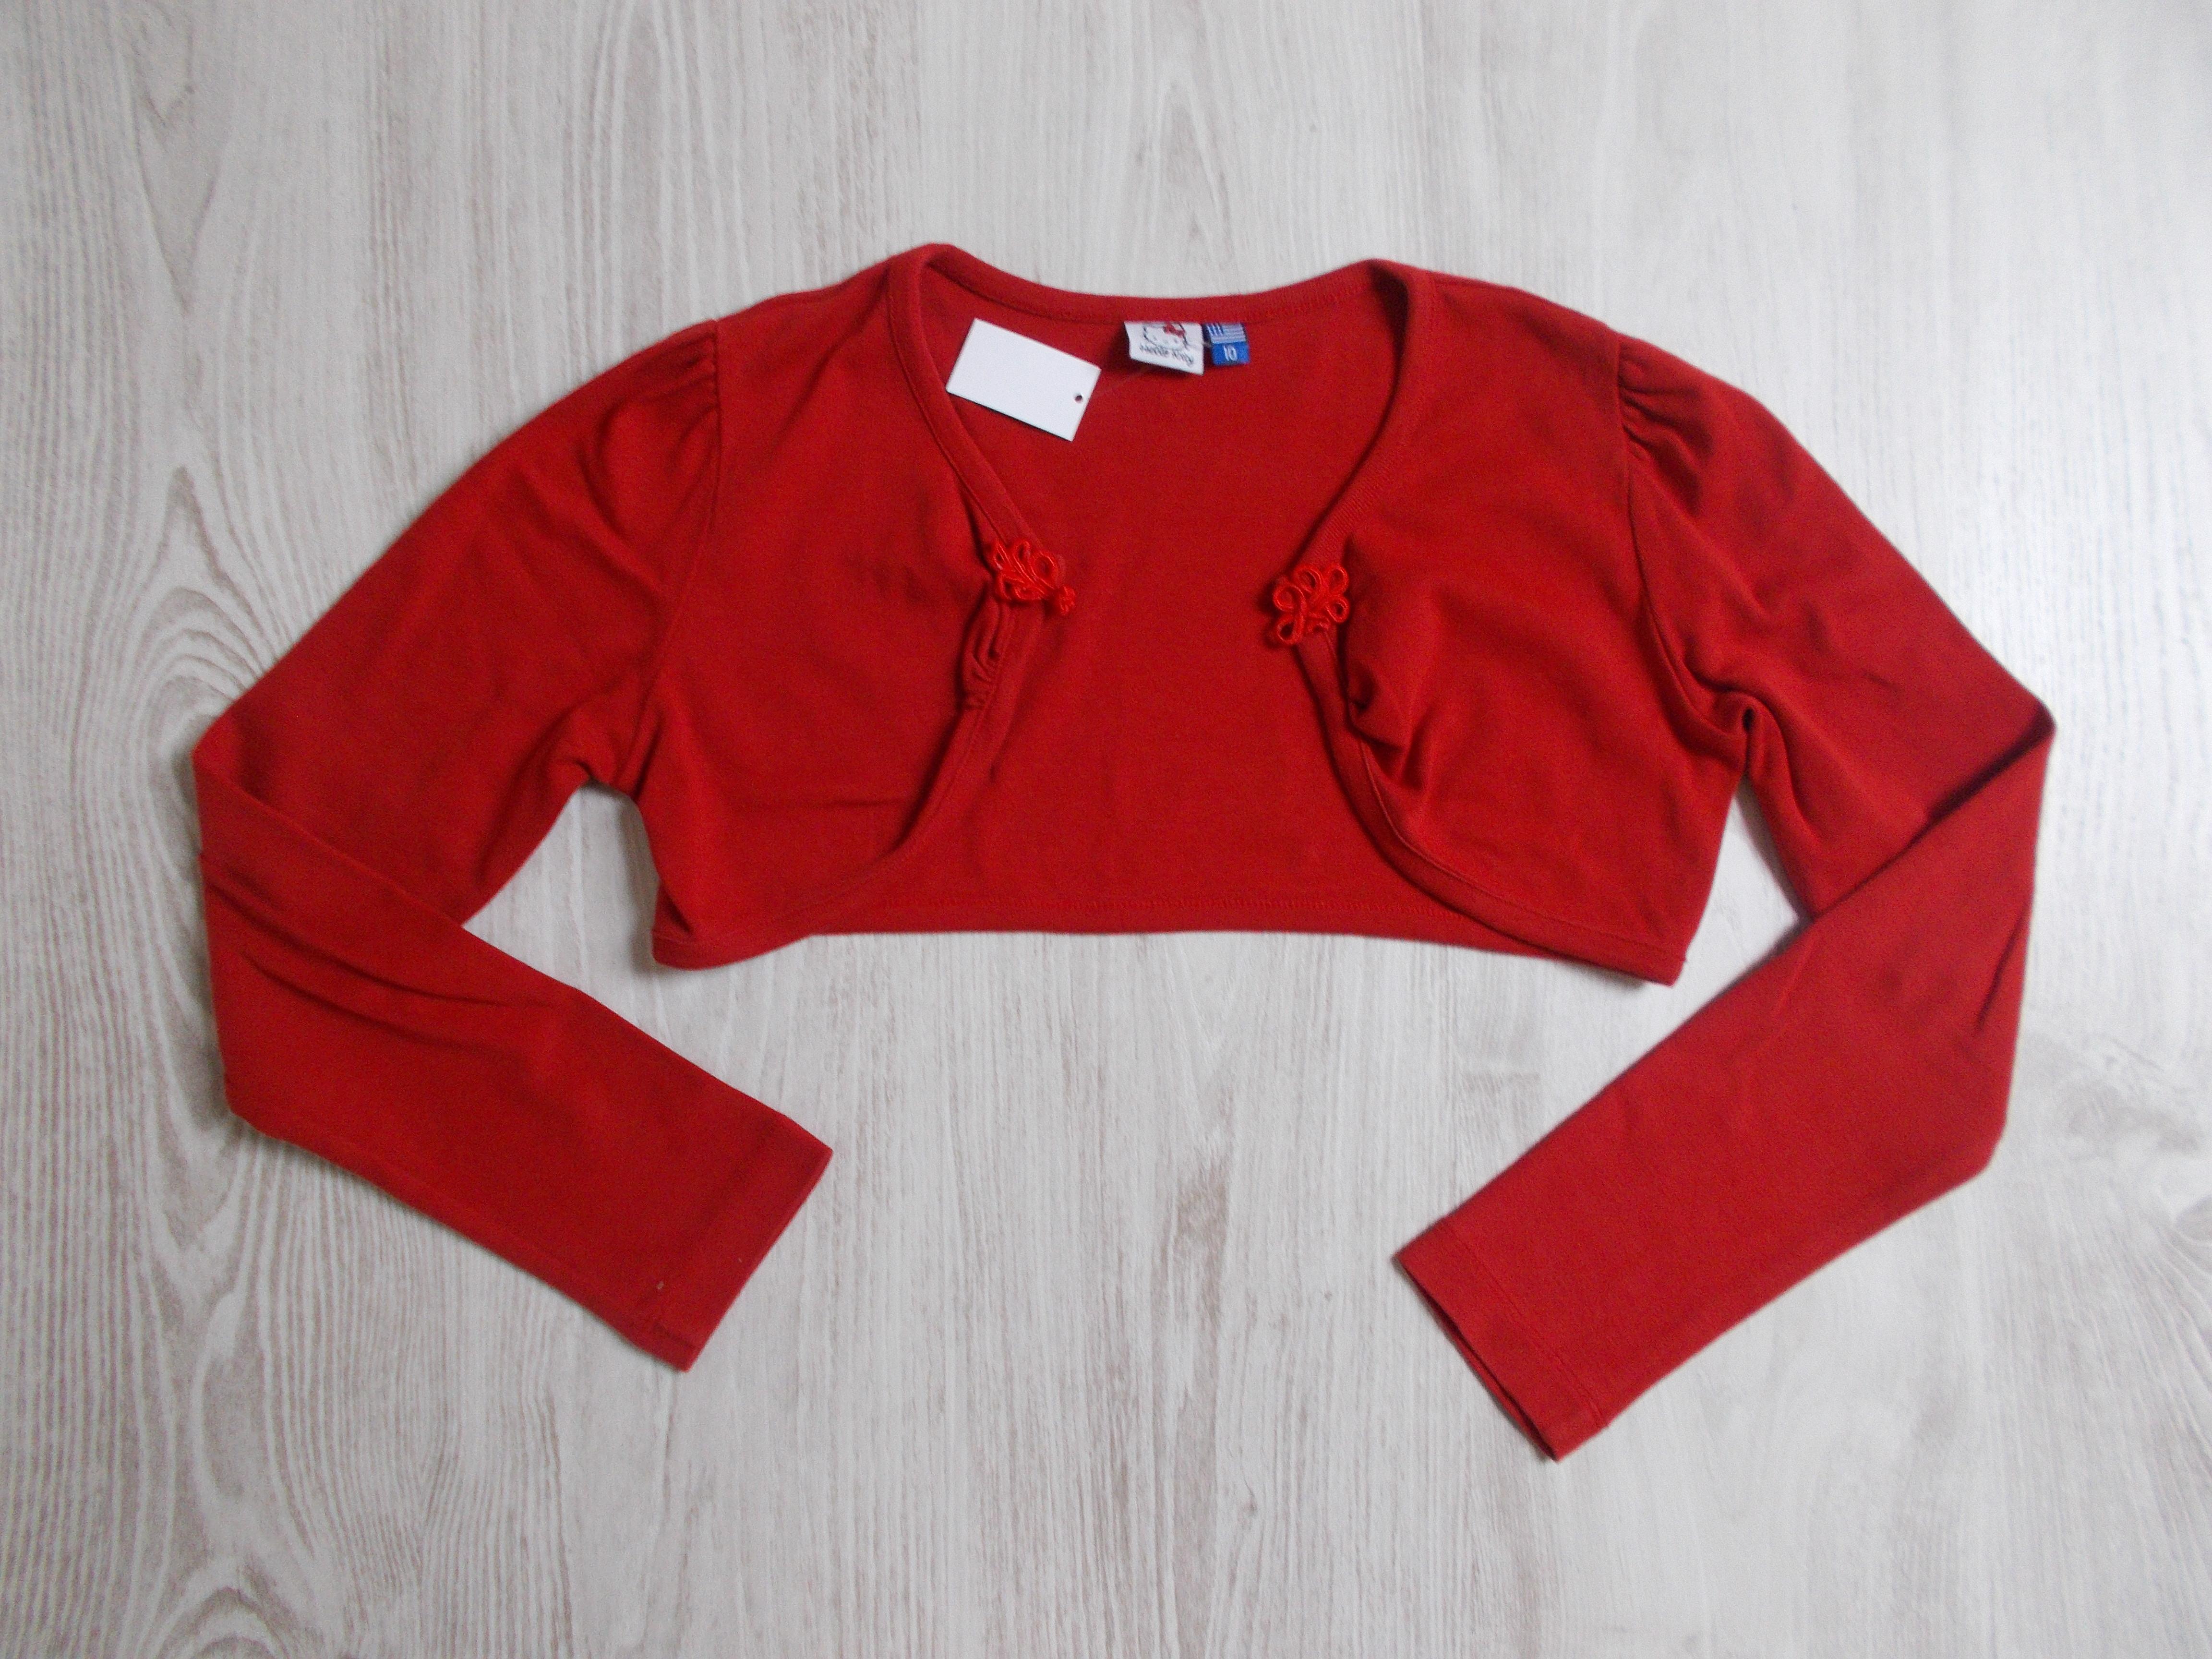 Piros boleró  140 (10 év)   Lány ruhák     Lótusz Gyerekruha Webshop 971dc9a59b